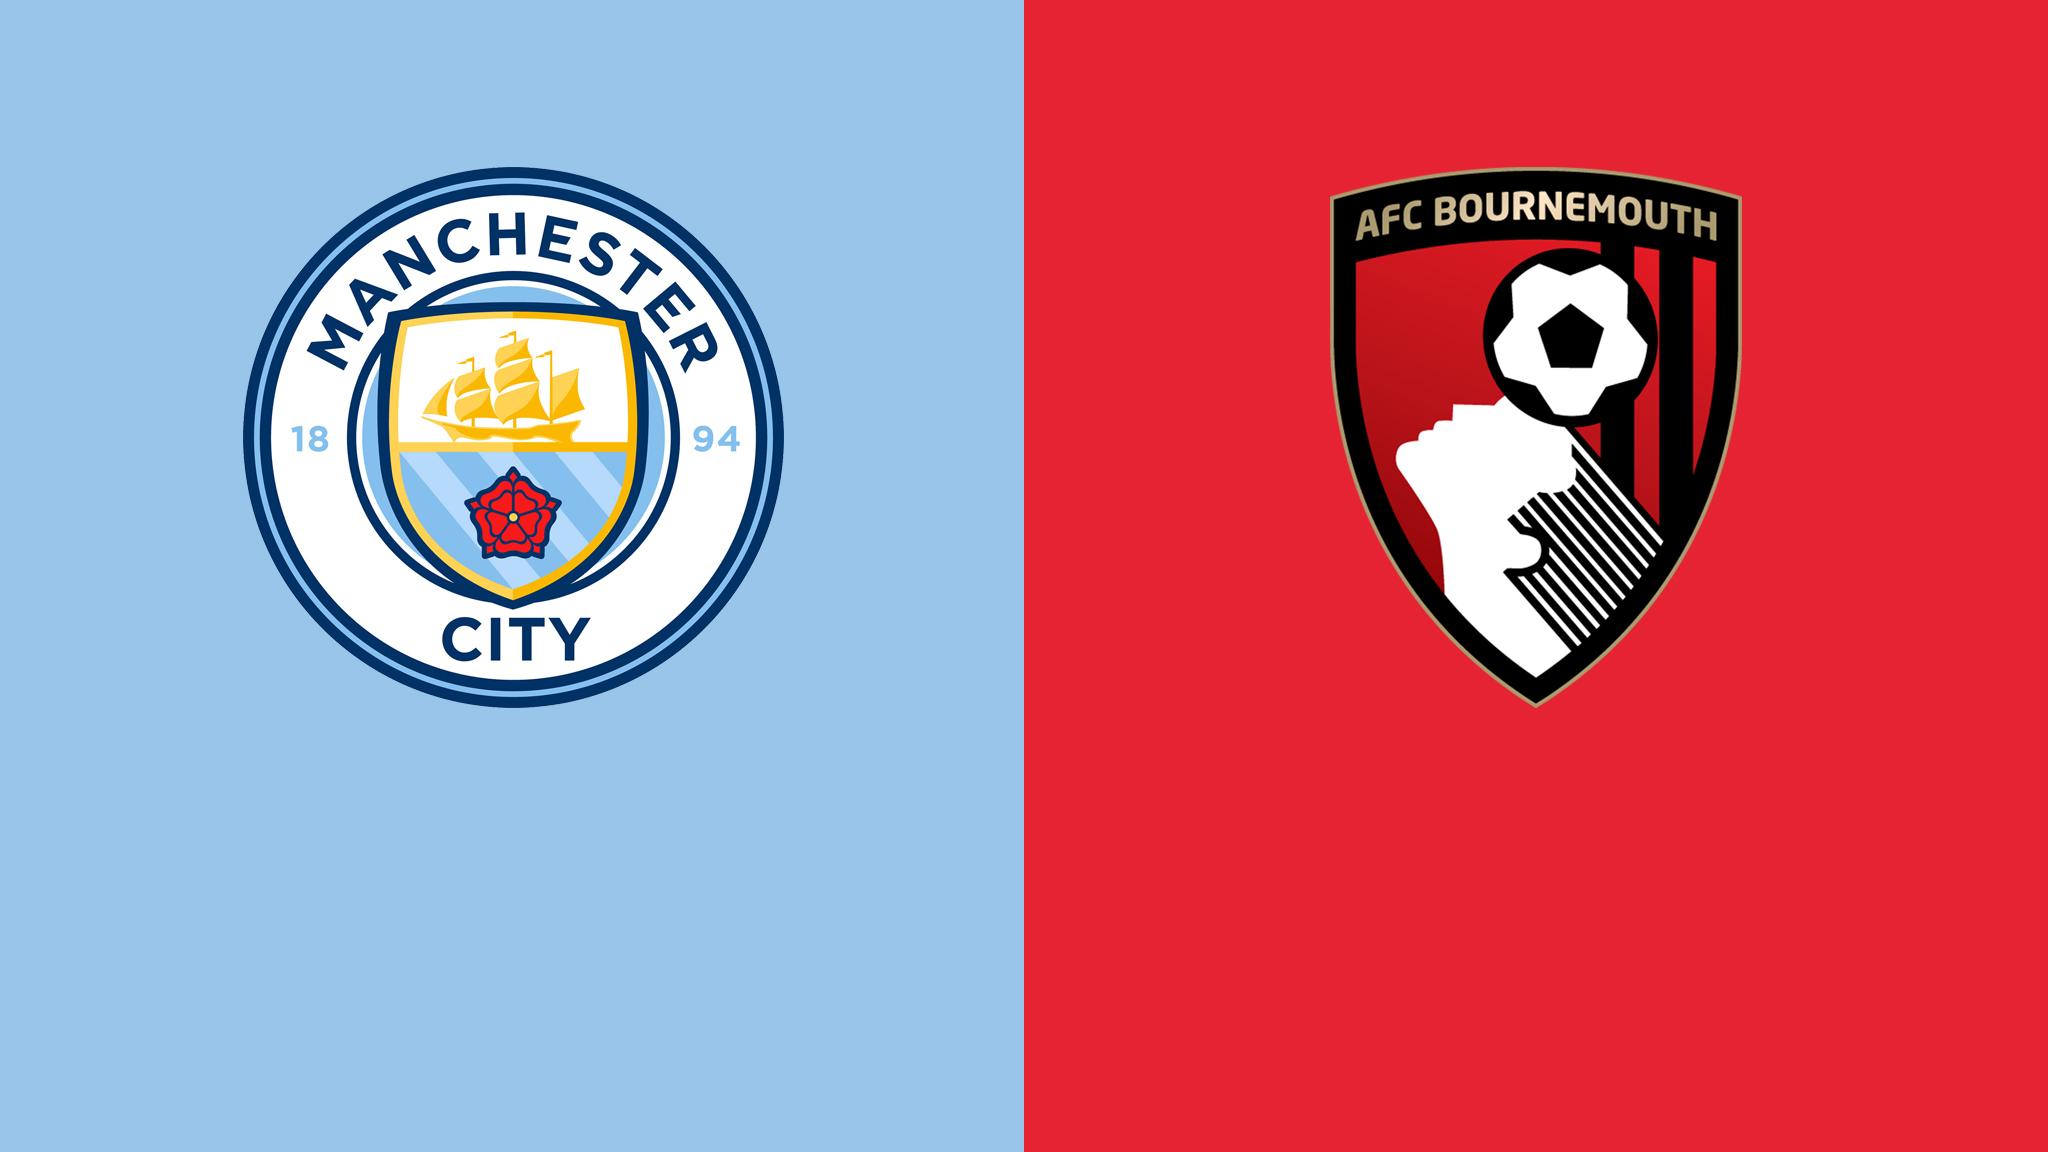 「英联杯」赛事前瞻:曼彻斯特城vs伯恩茅斯,蓝月亮运筹帷幄